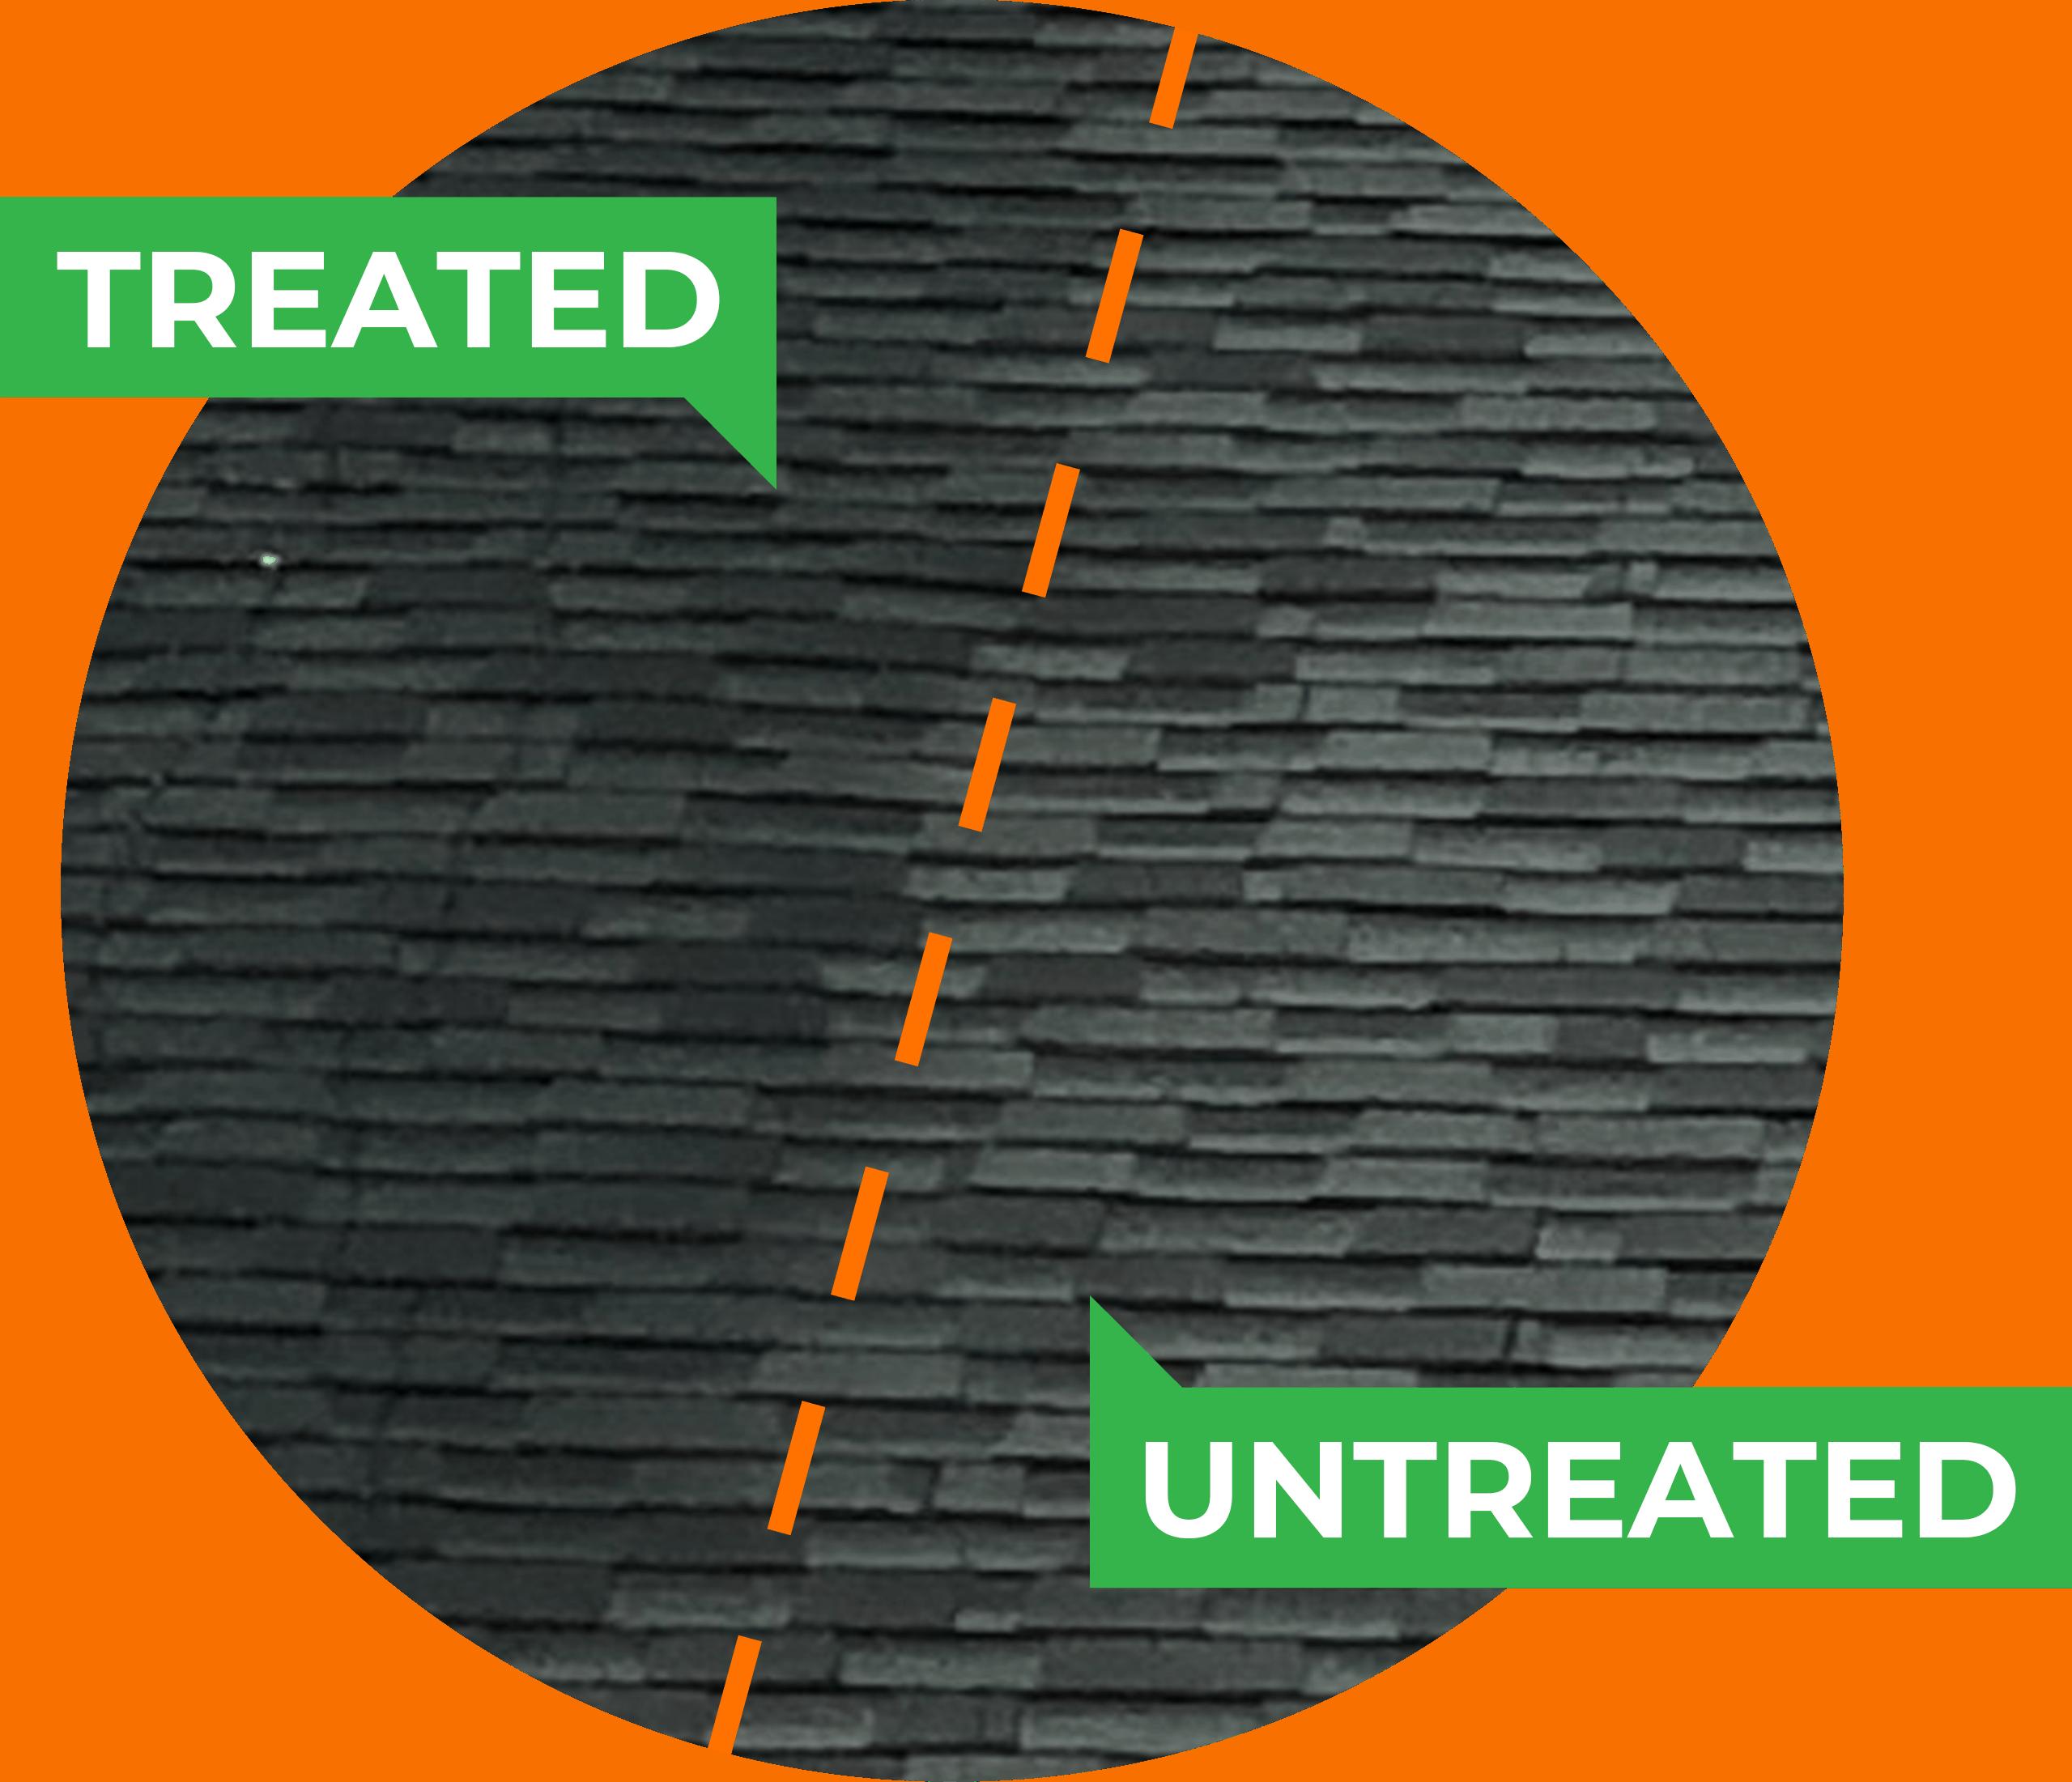 Treated vs. Untreated shingles 3